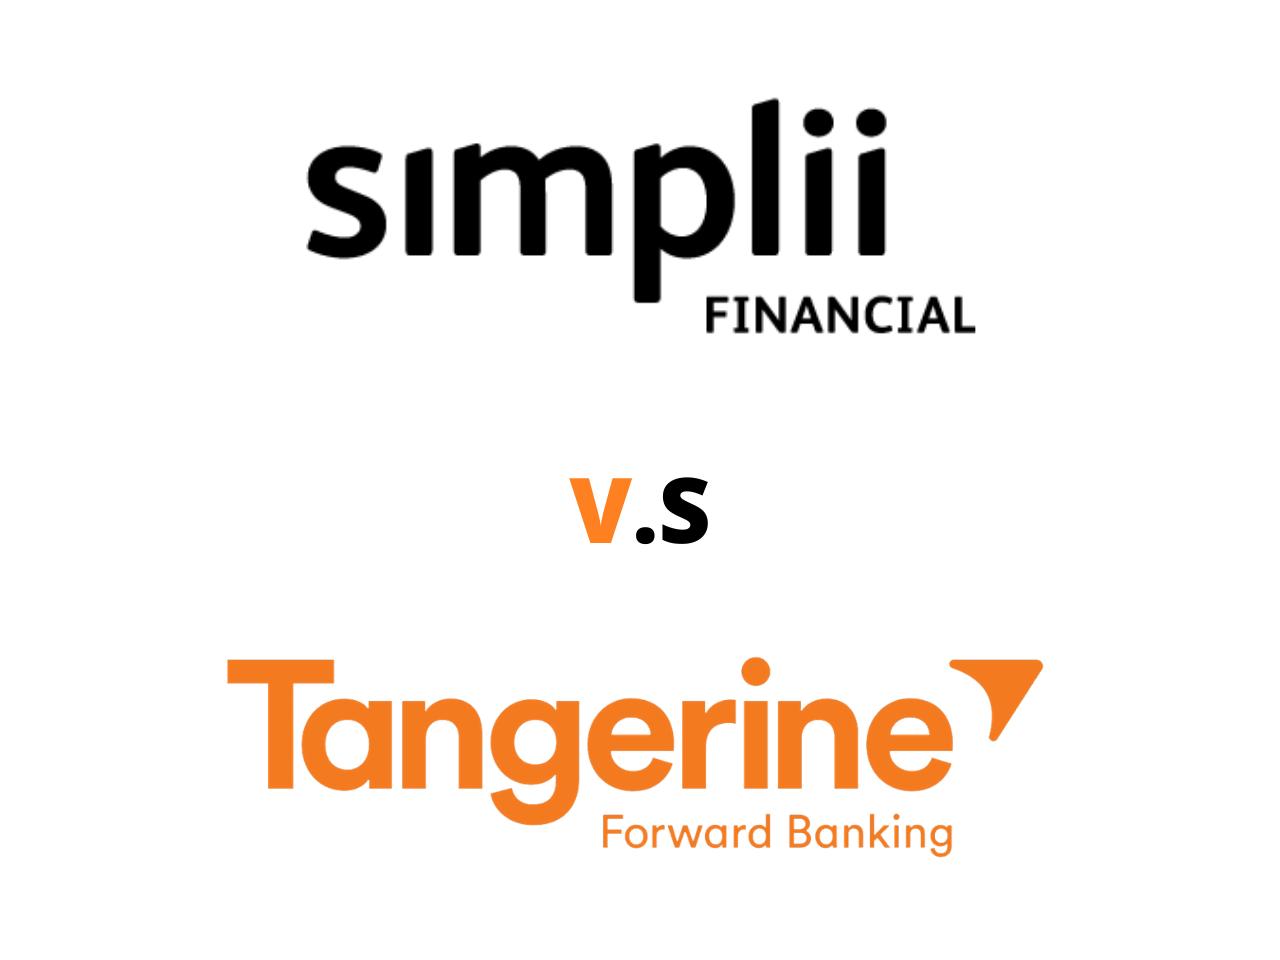 Simplii vs. Tangerine